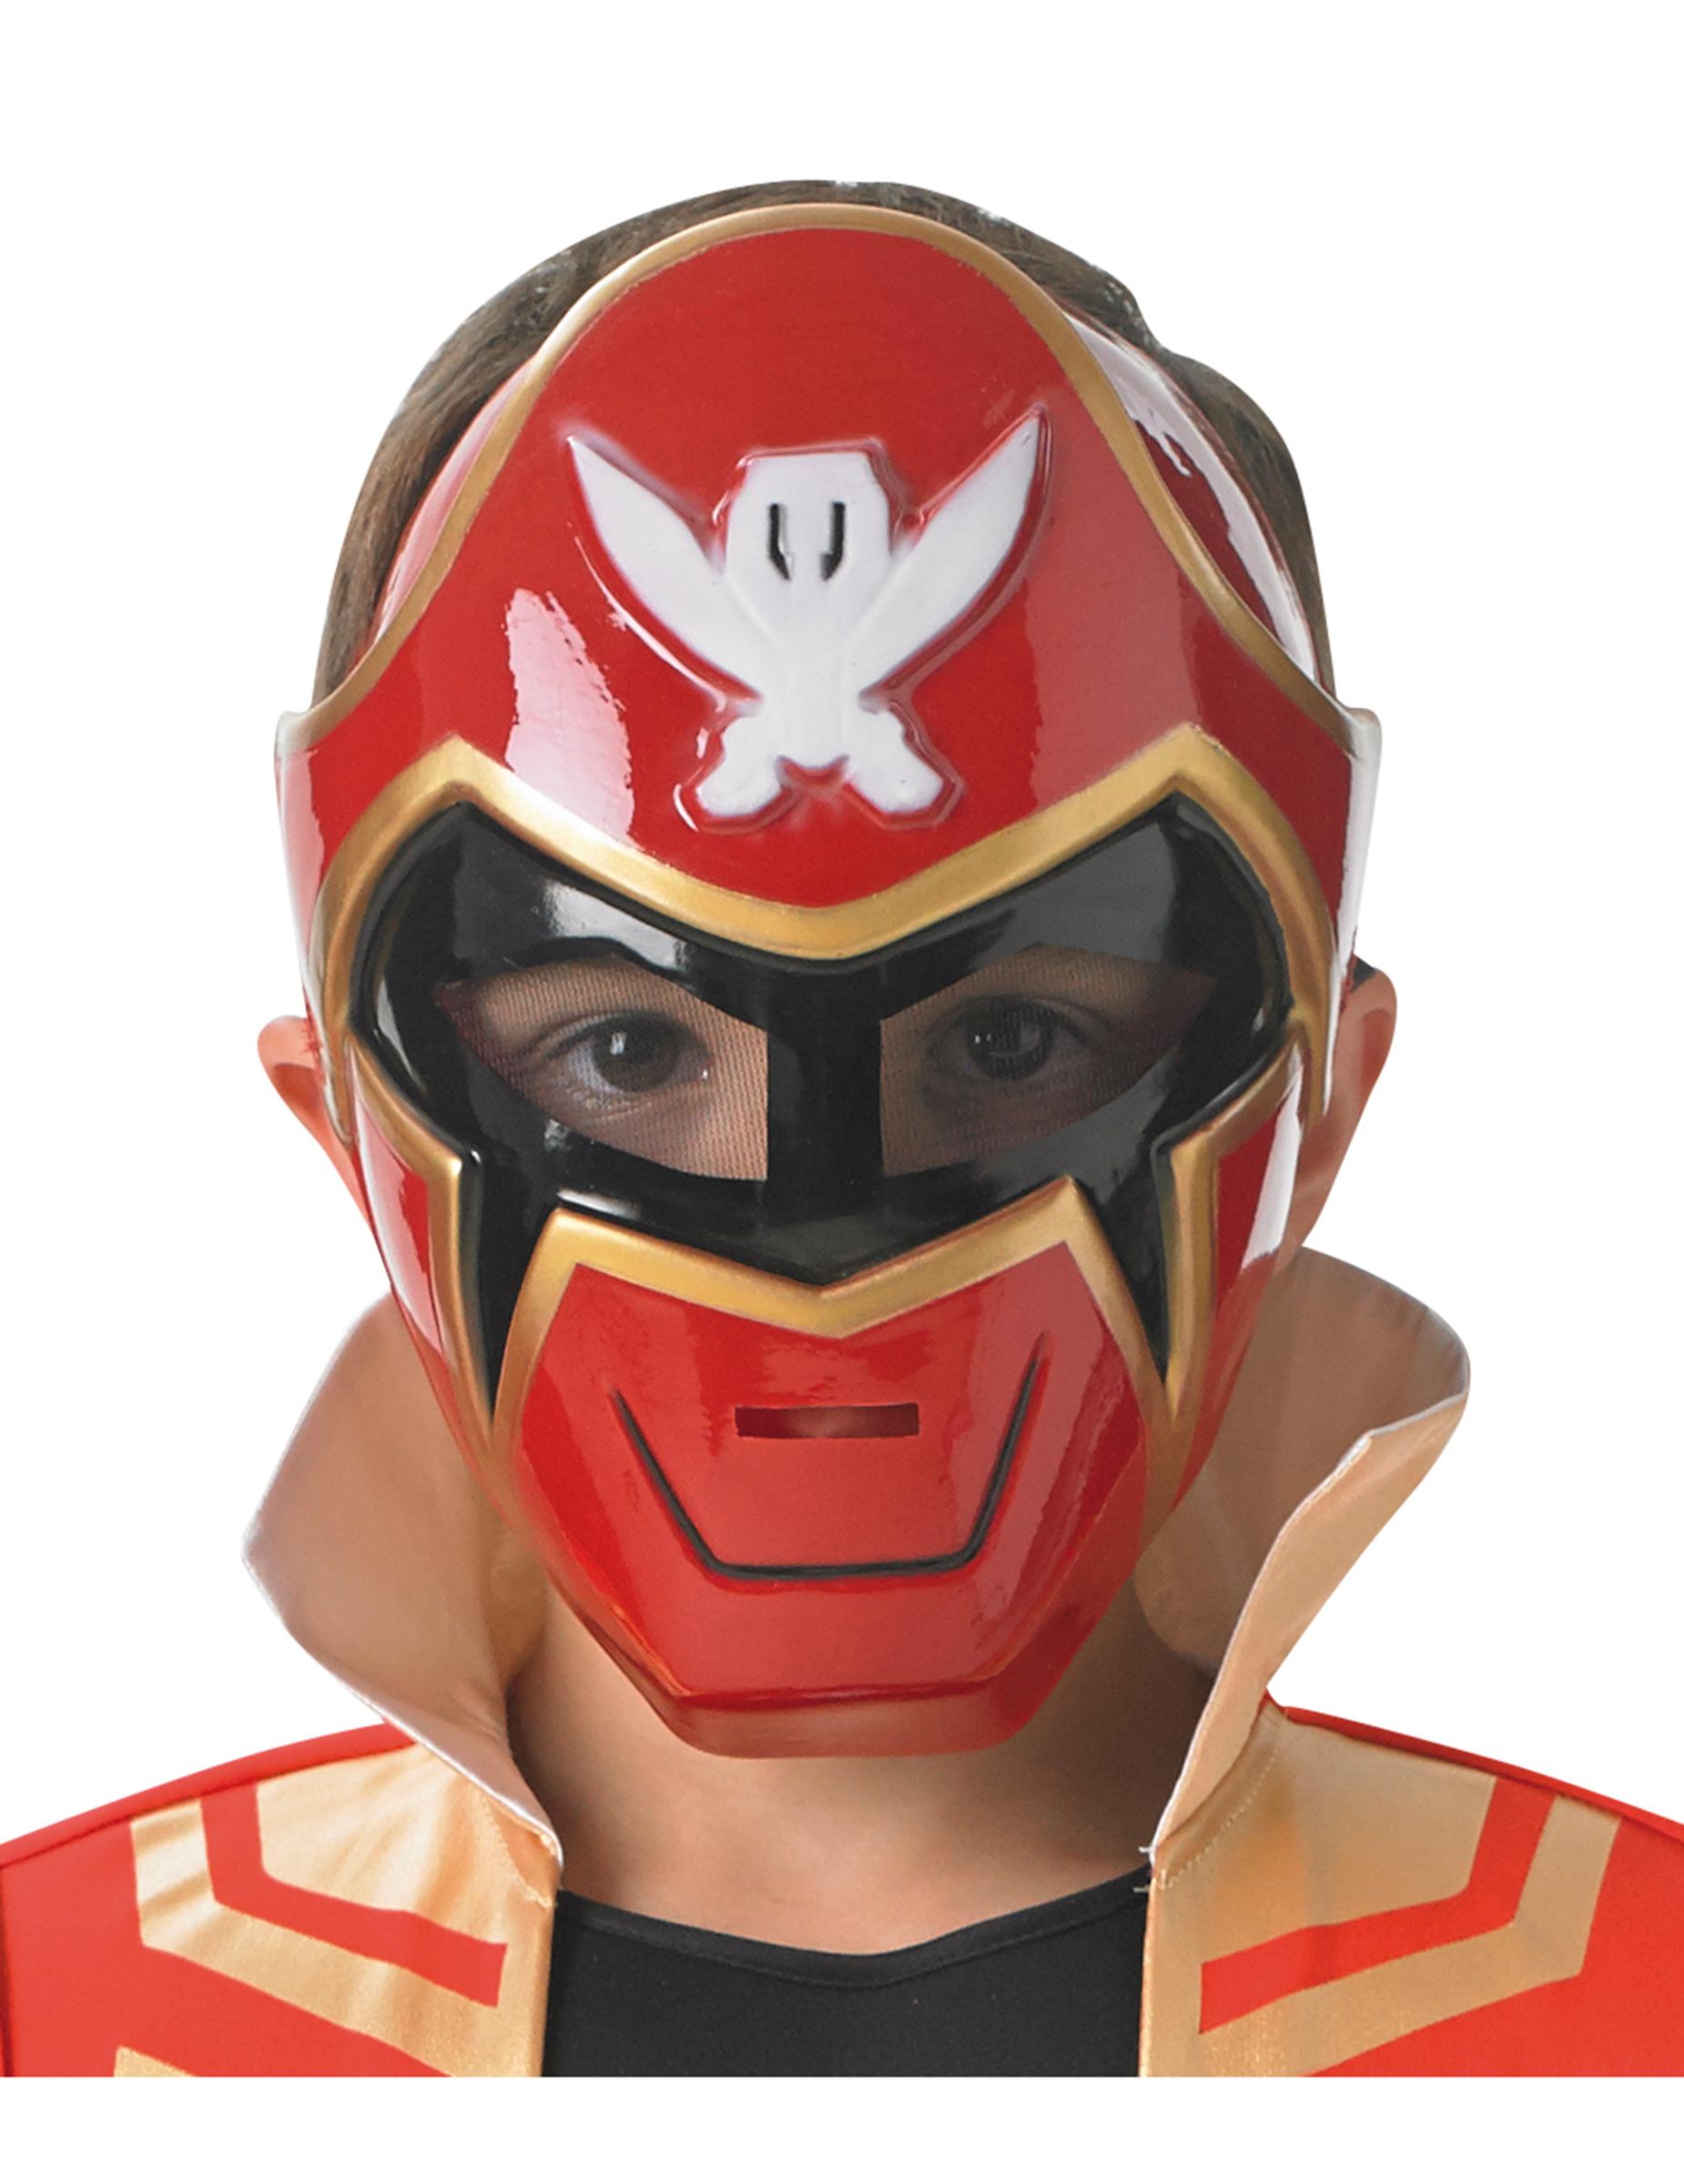 Masque power rangers super mega force enfant deguise - Masque de power rangers ...